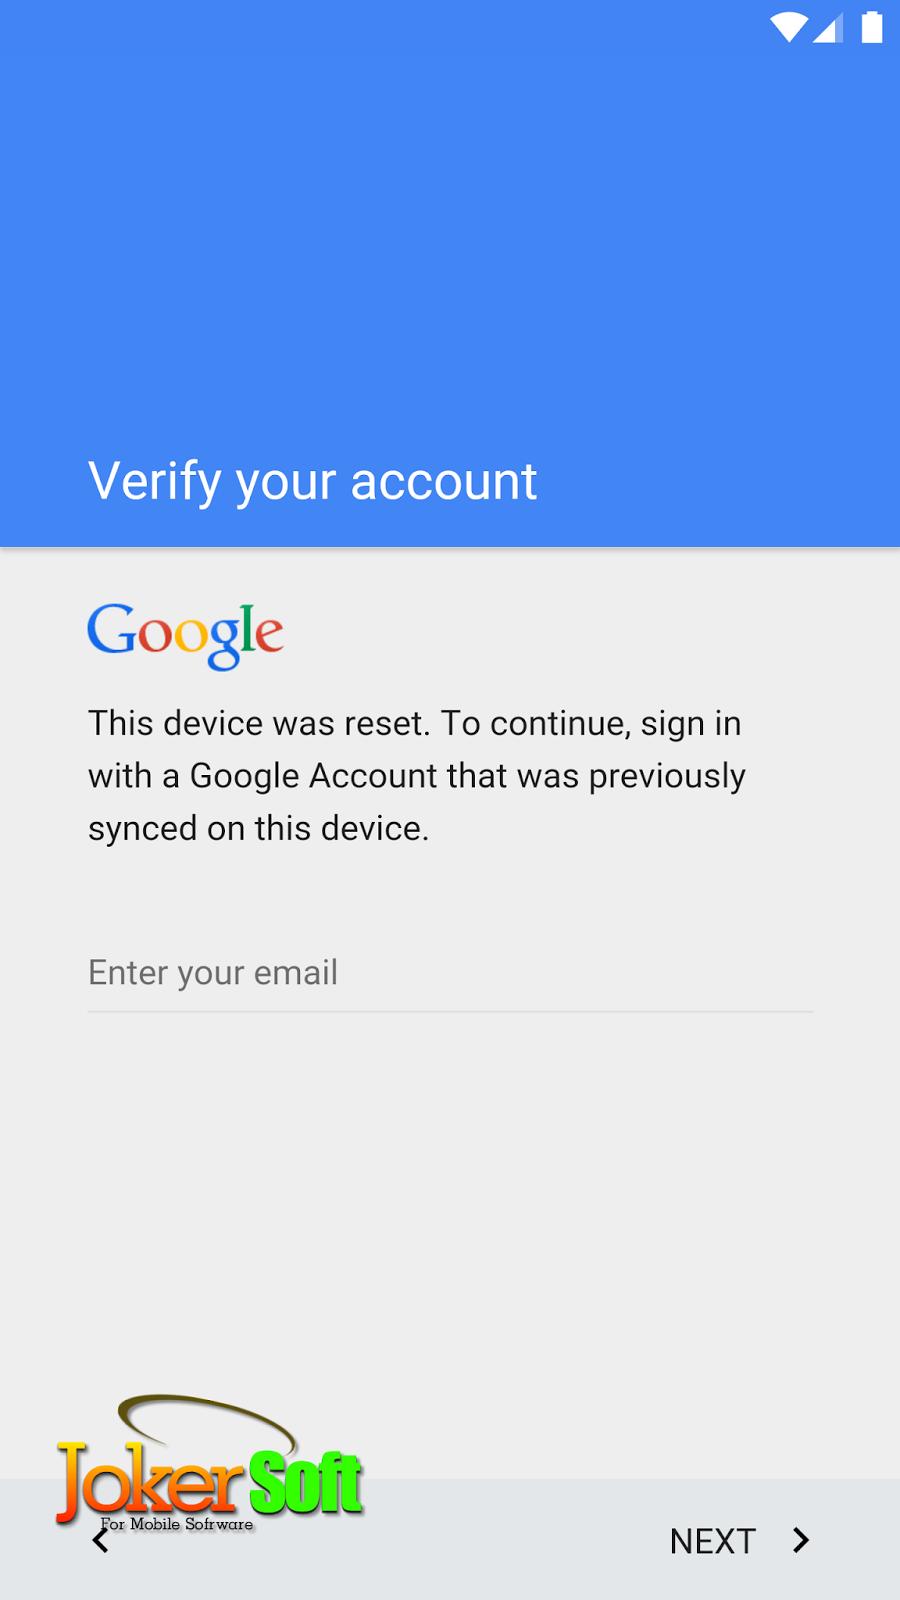 تخطى حساب جوجل لهاتف سامسونج جلاكسى J7 SM-J700H بدون تفليش كامل